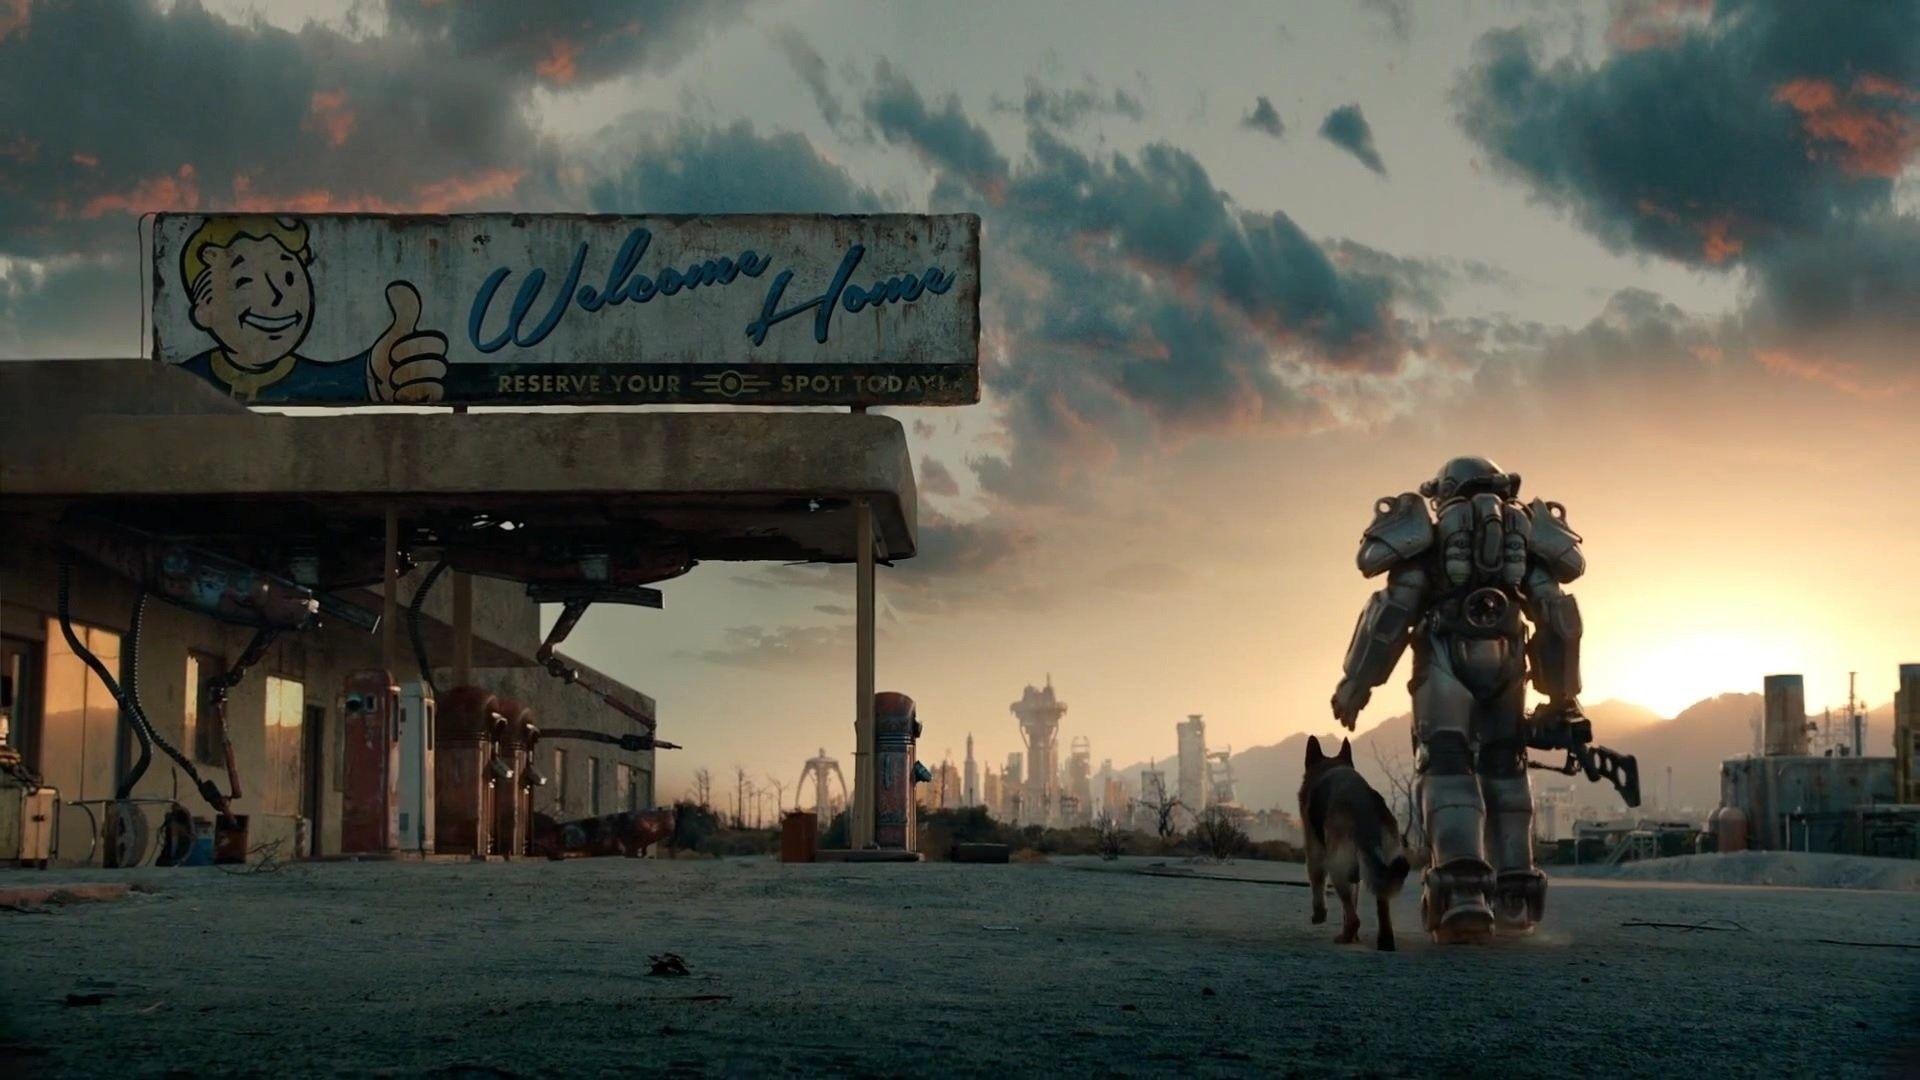 Fallout, annunciata la serie TV da Amazon Studios e Kilter Films 1